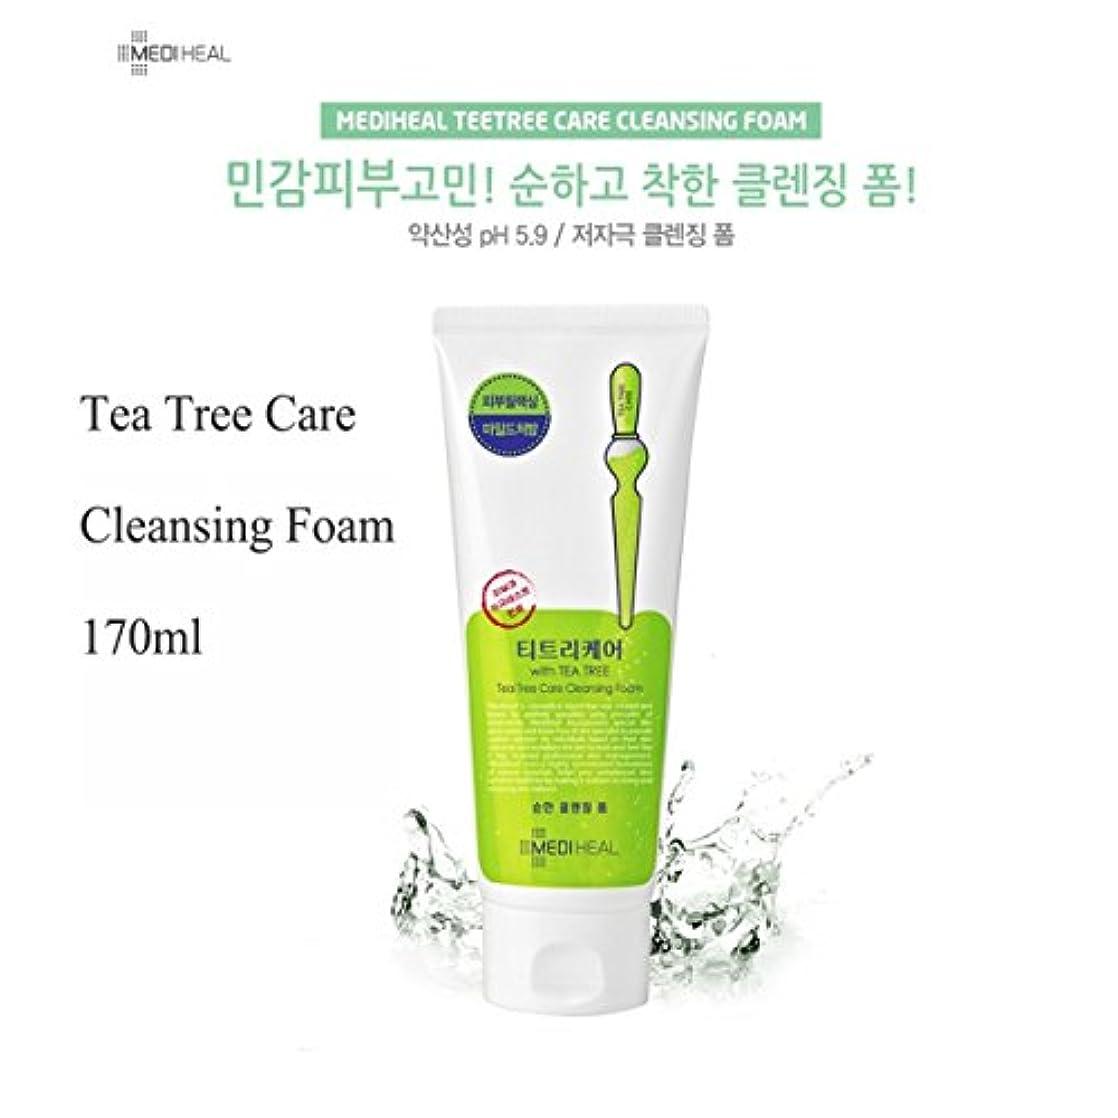 ワックスモンスター石化するMEDIHEAL Tea Tree Foam Cleansing 170ml/メディヒール ティー ツリー フォーム クレンジング 170ml